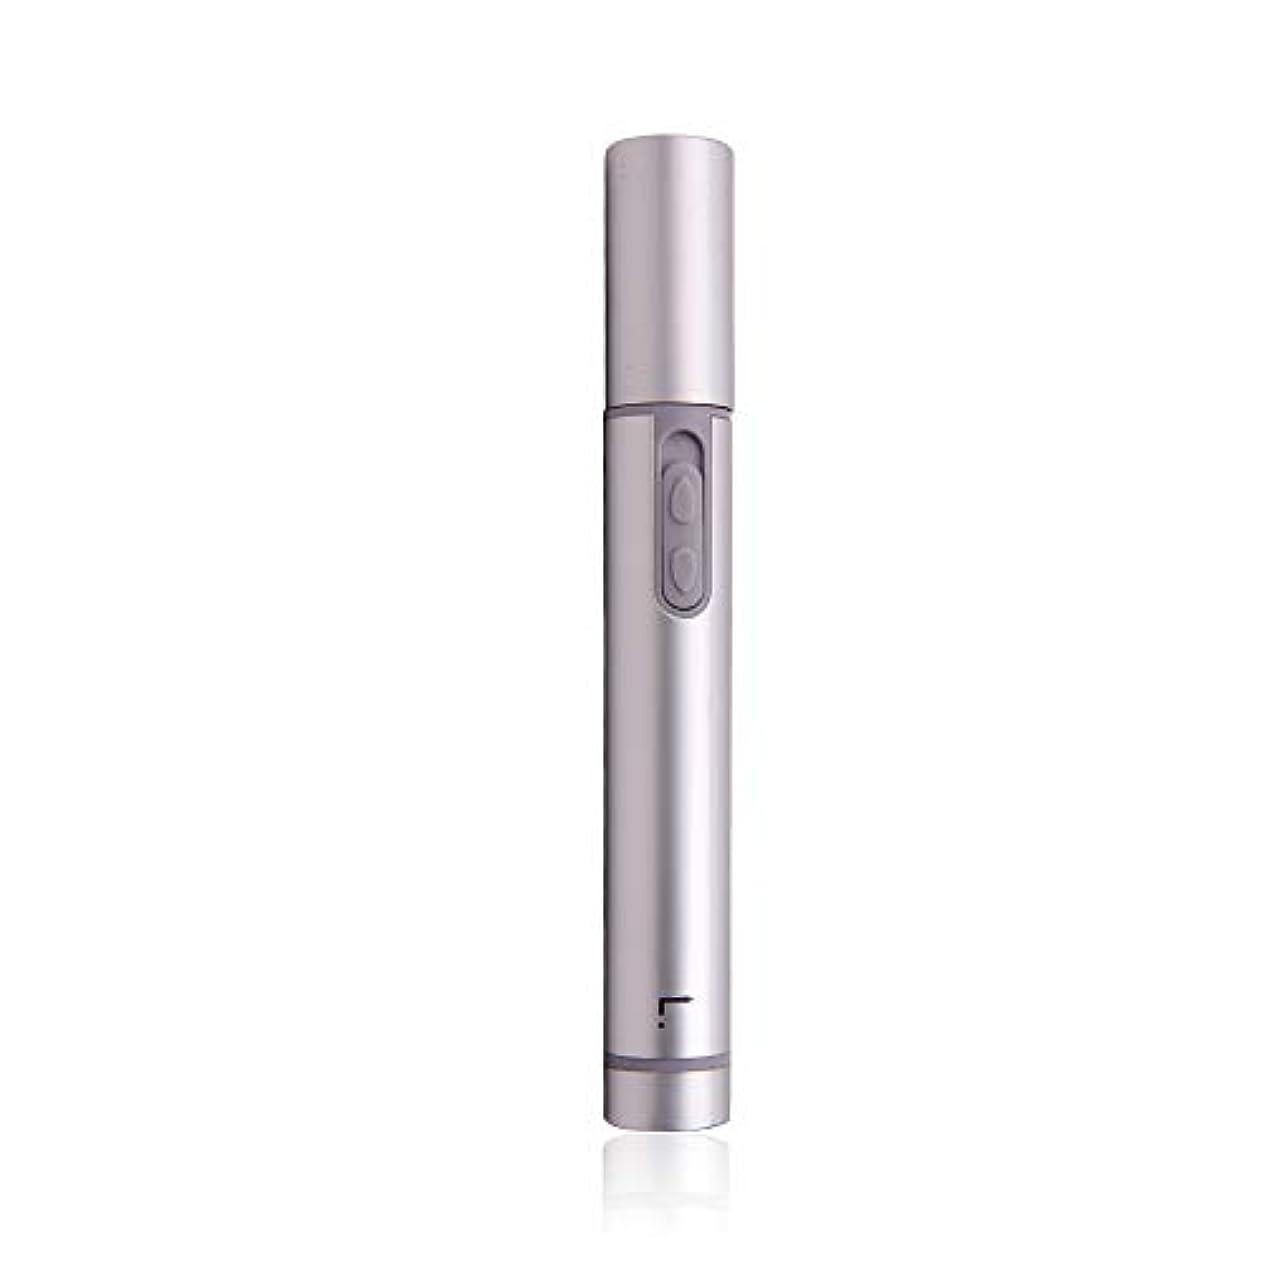 ミニサイズ&ポータブル鼻毛トリマー、男性&女性のための痛みのない鼻毛トリマー、電池式